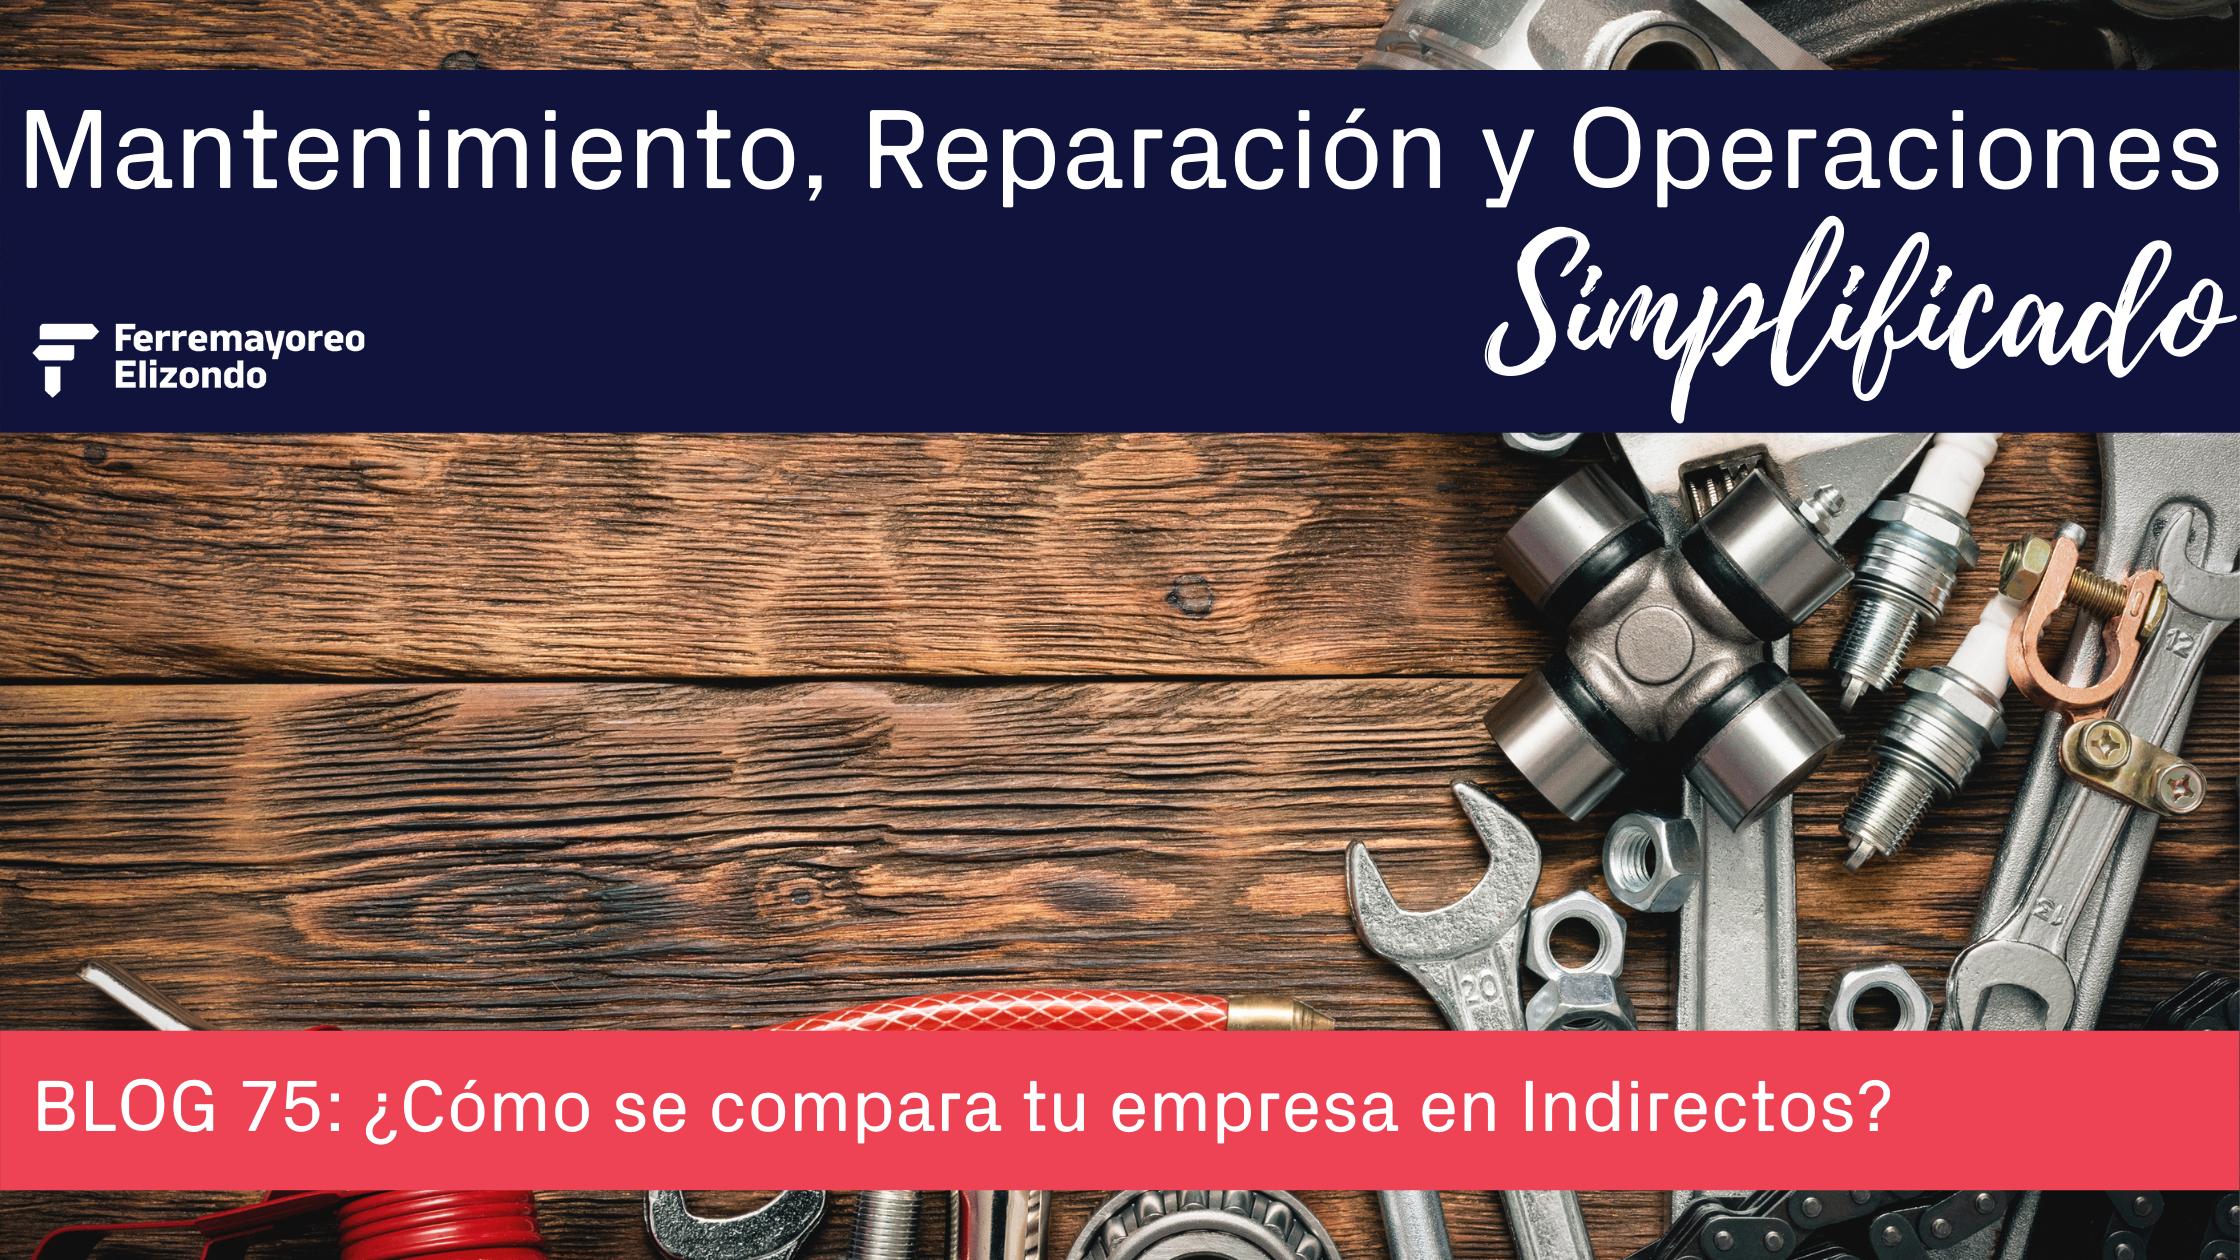 MRO Simplificado: ¿Cómo se compara tu empresa en Compras de Indirectos?